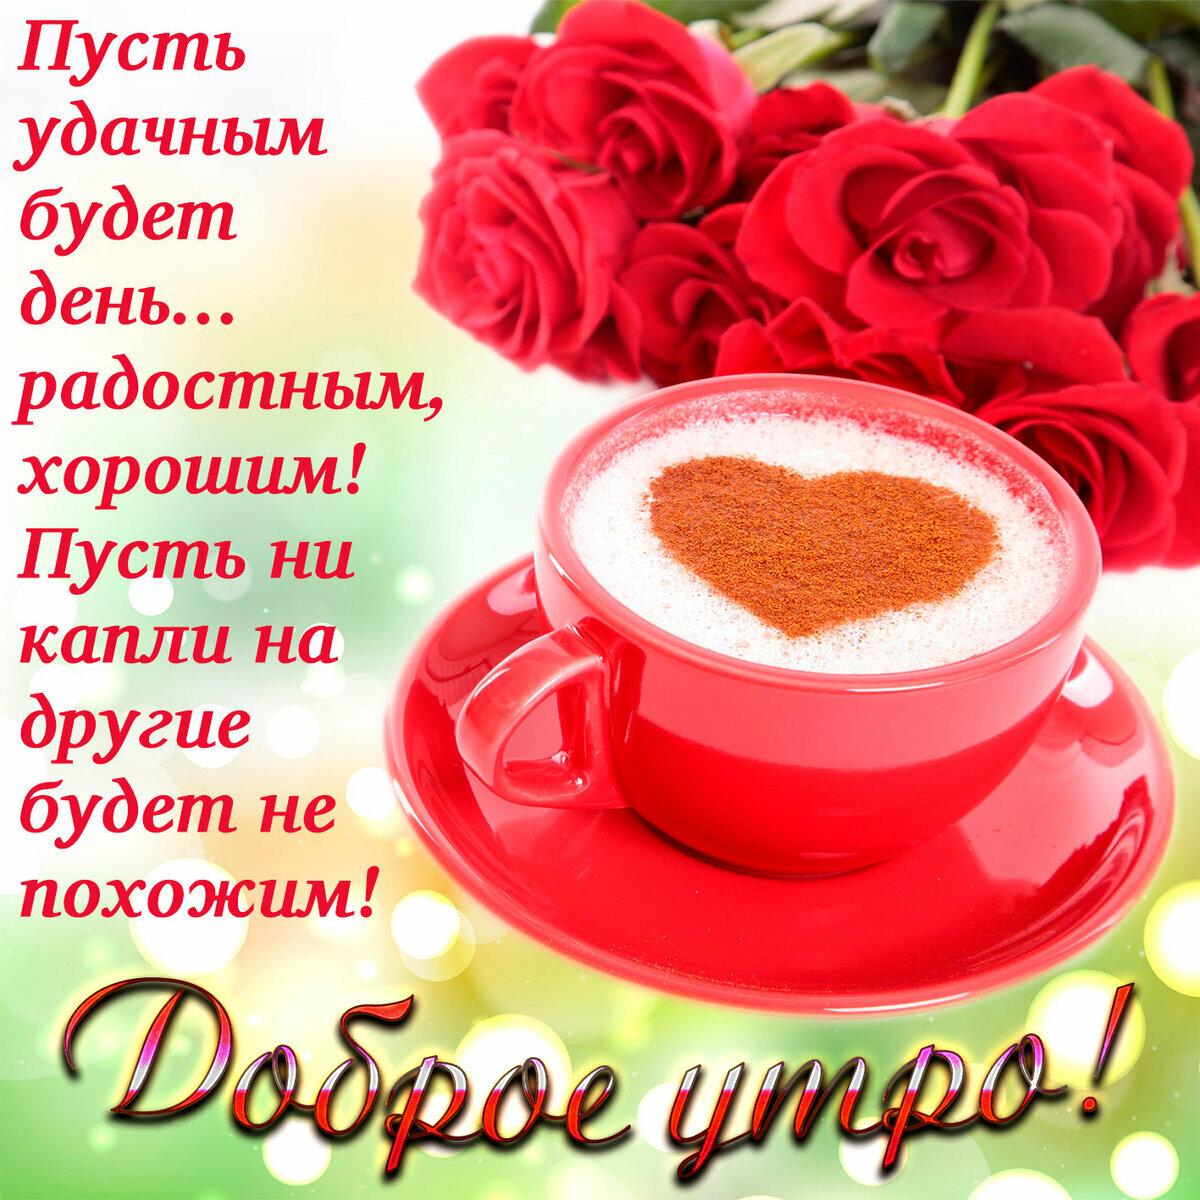 пожелание доброго утра ольге в стихах посетителей нашего интернет